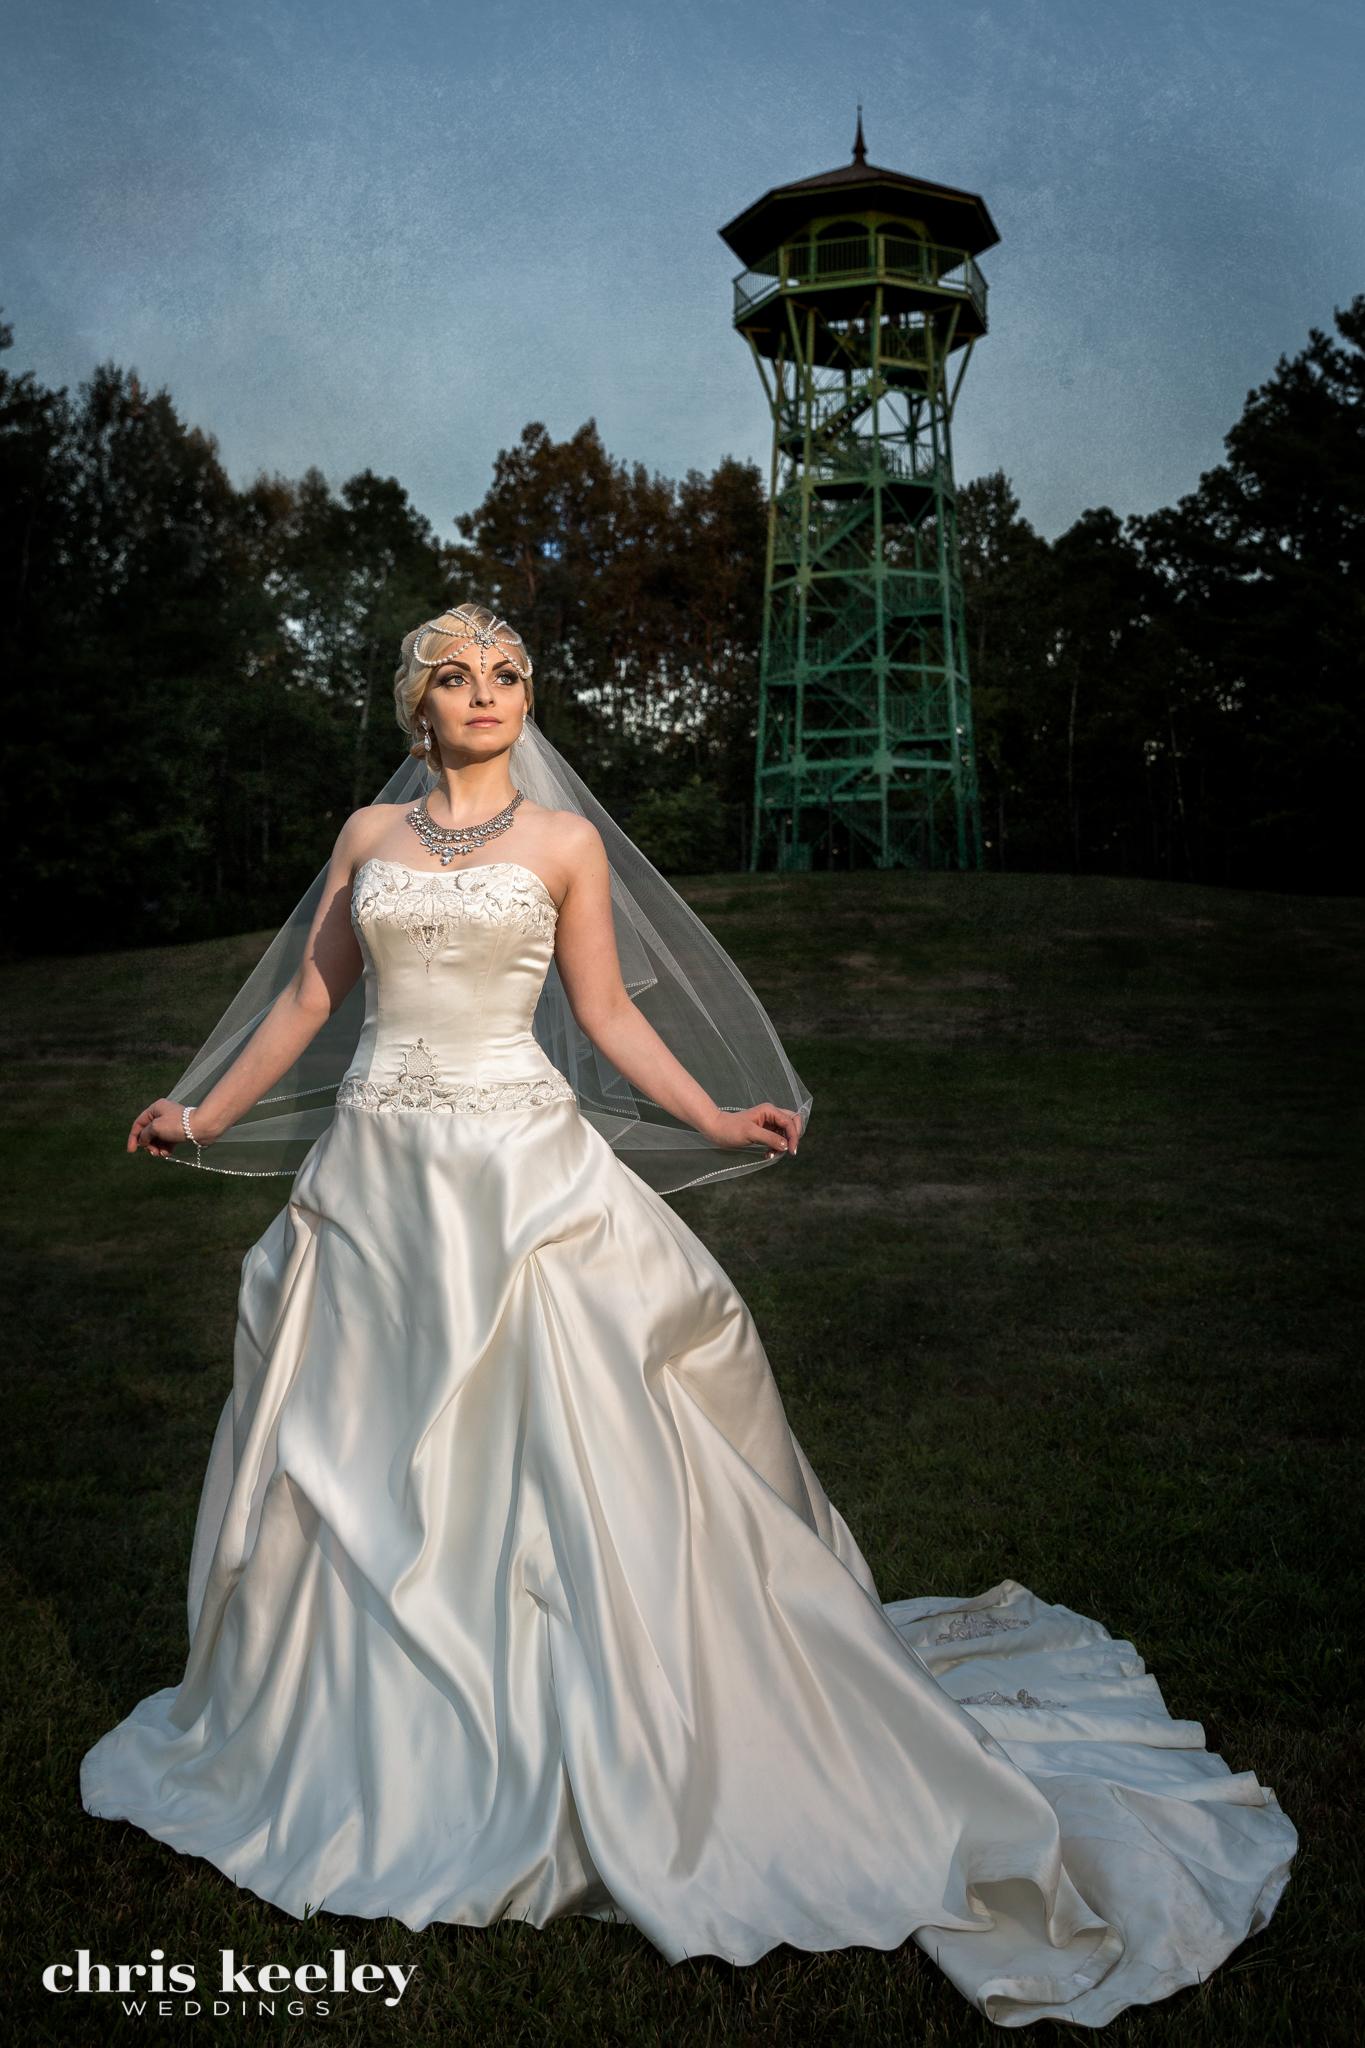 04-Chris-Keeley-Weddings-Wedding-Photography-Dover-New-Hampshire.jpg